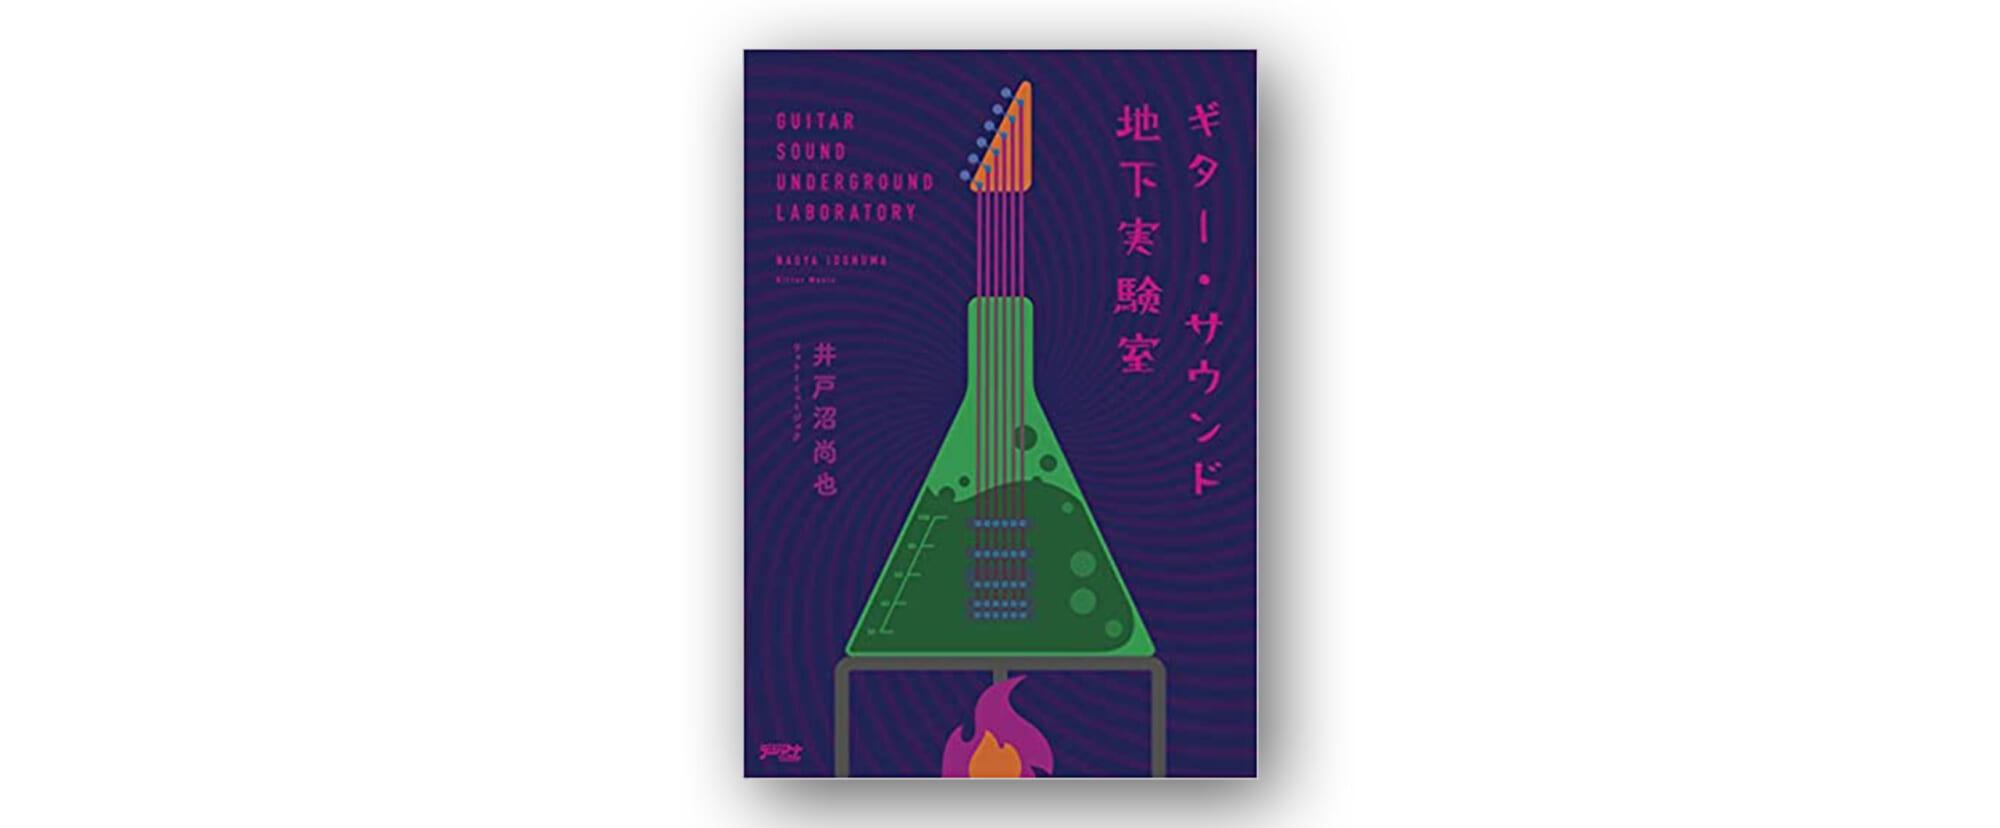 デジマート・マガジンの人気連載を書籍化 『ギター・サウンド地下実験室』